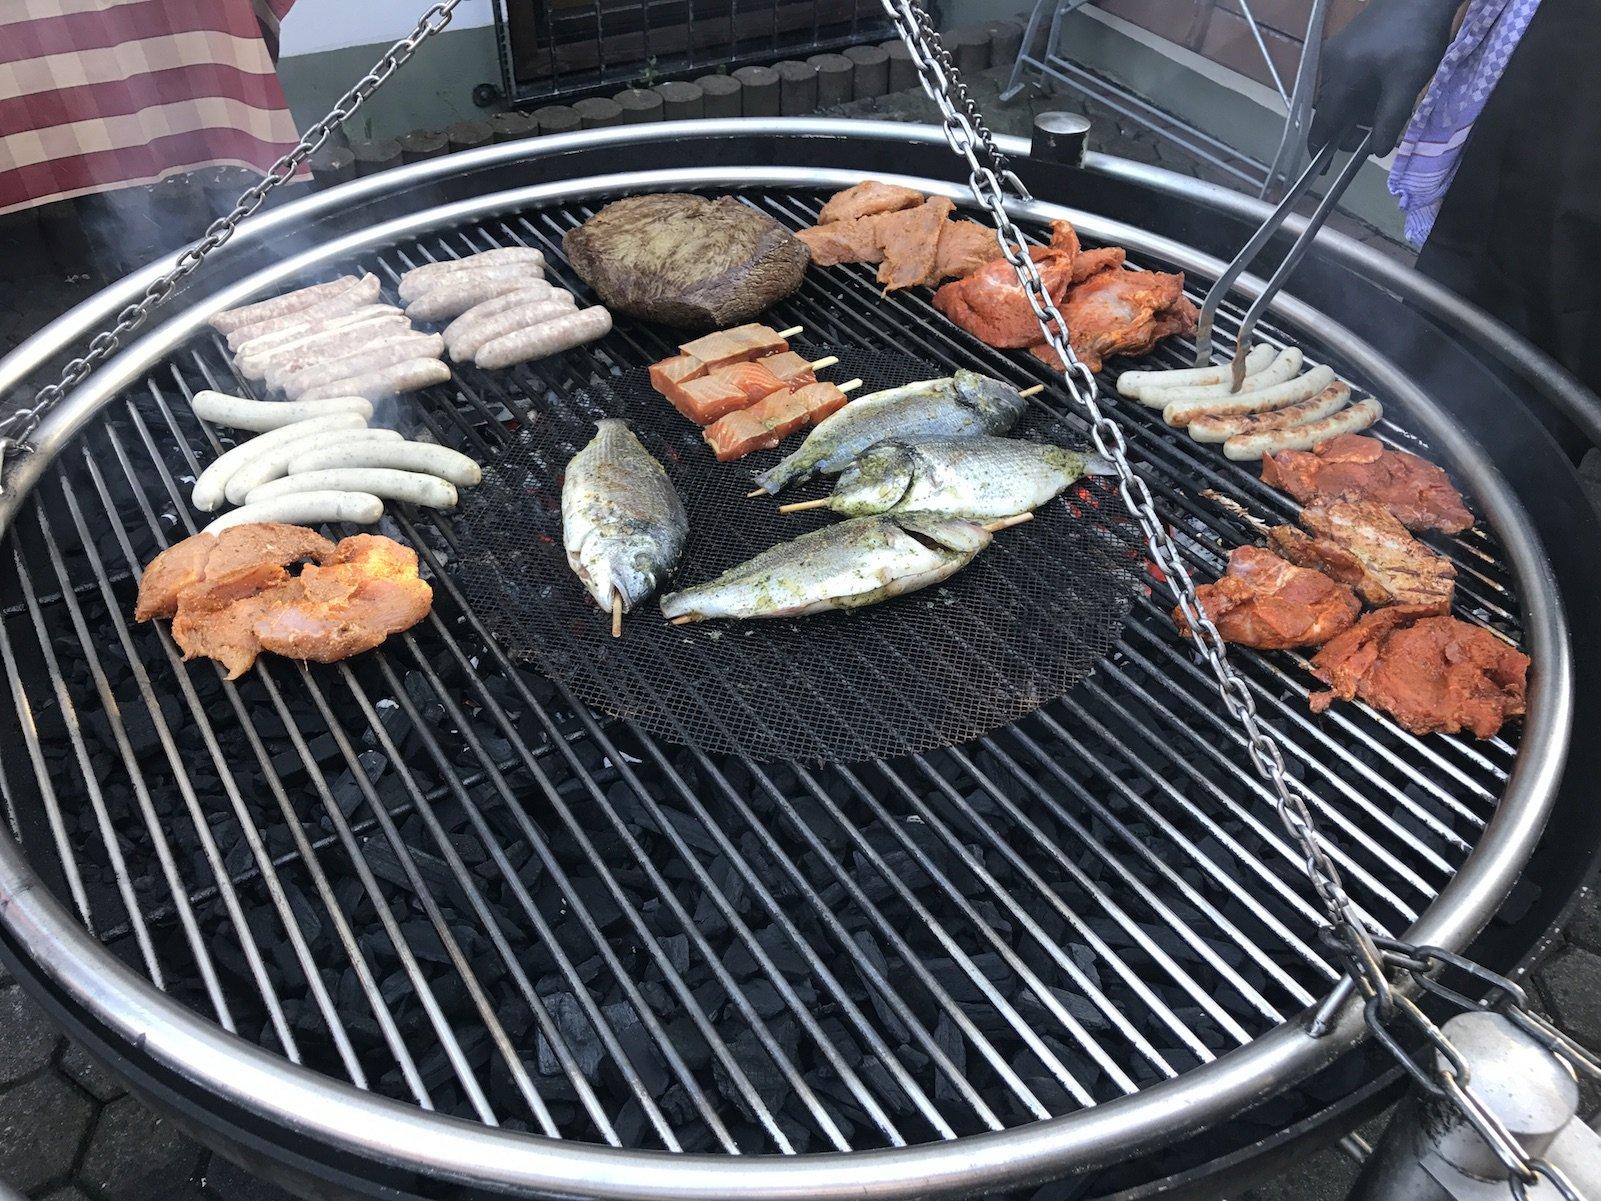 Fleisch, Wurst und Fisch auf dem Grill im Landidyll-Hotel Zum Alten Schloss